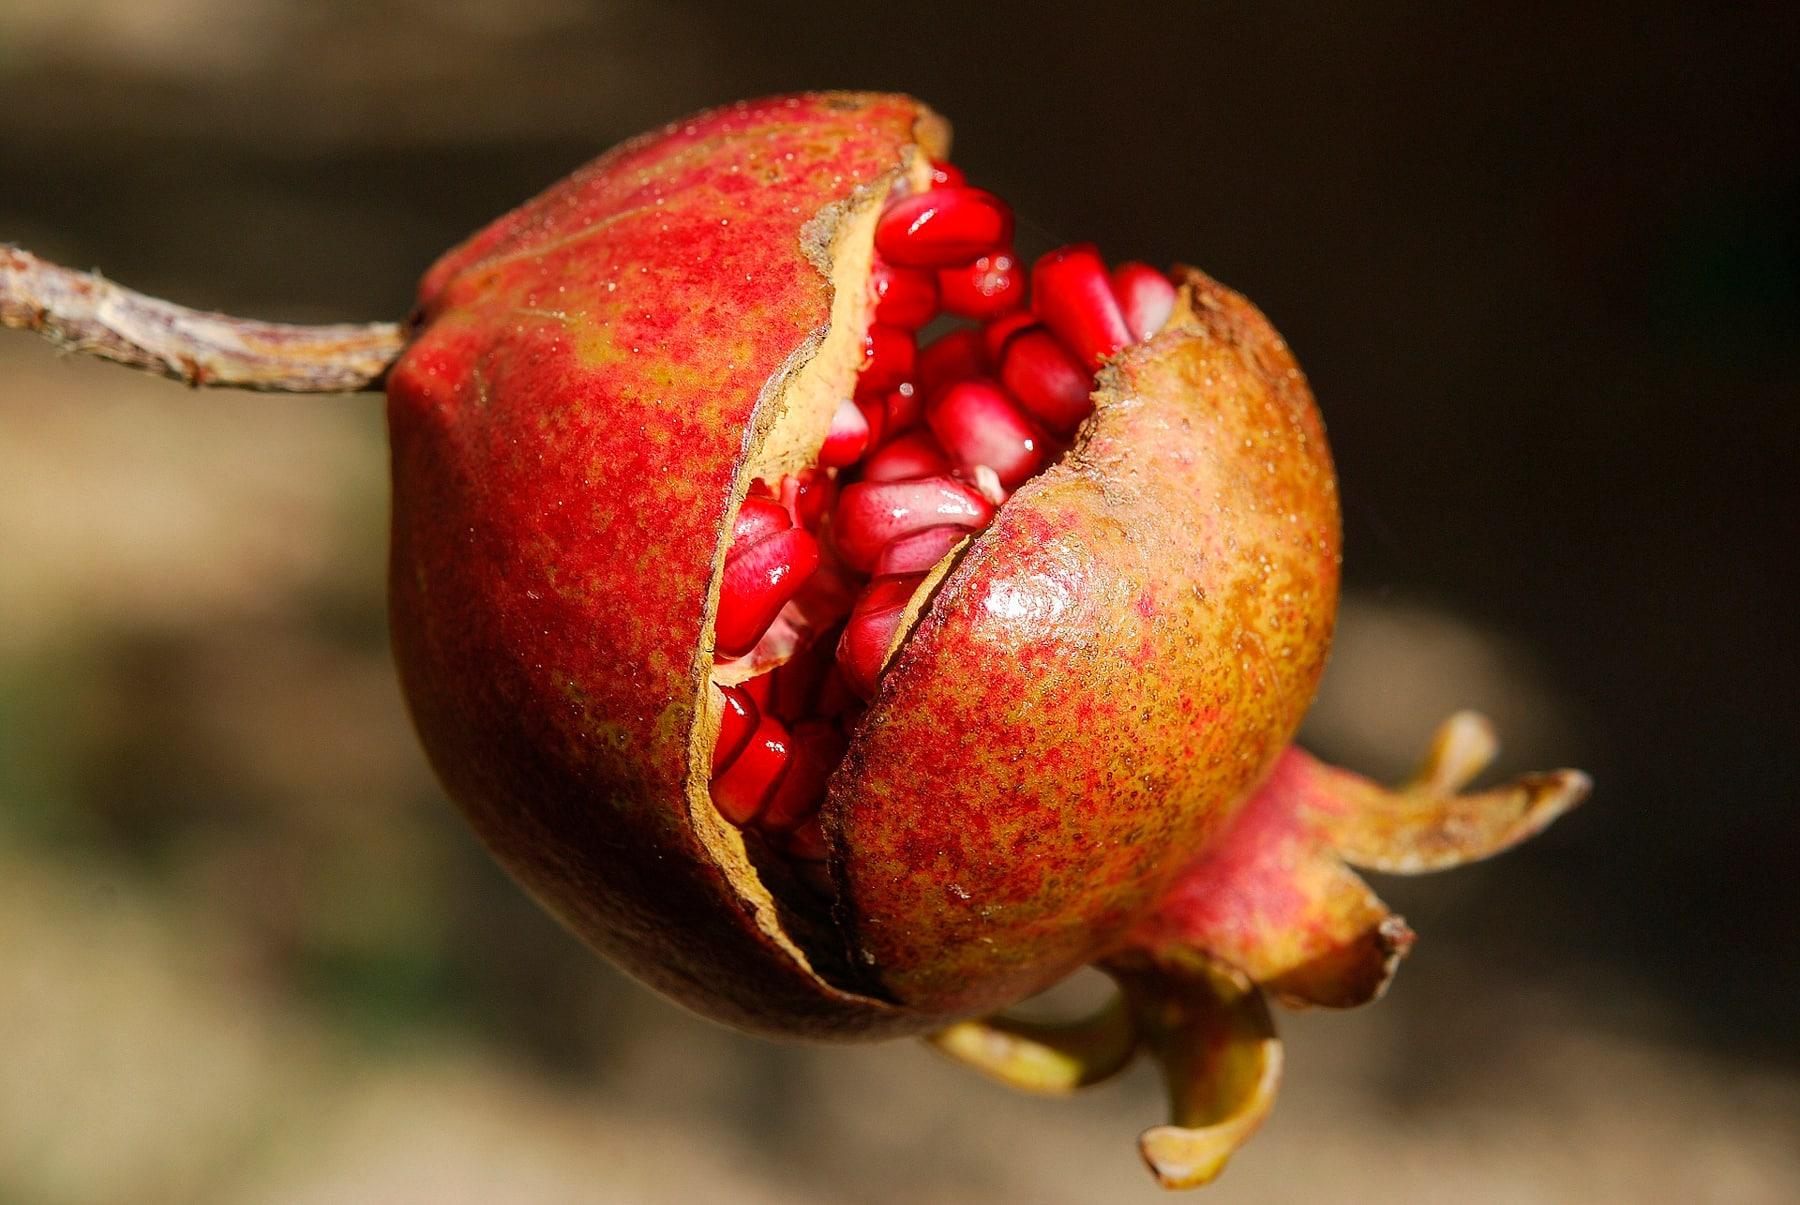 Descubre en qué consiste la dieta antiaging contra el envejecimiento